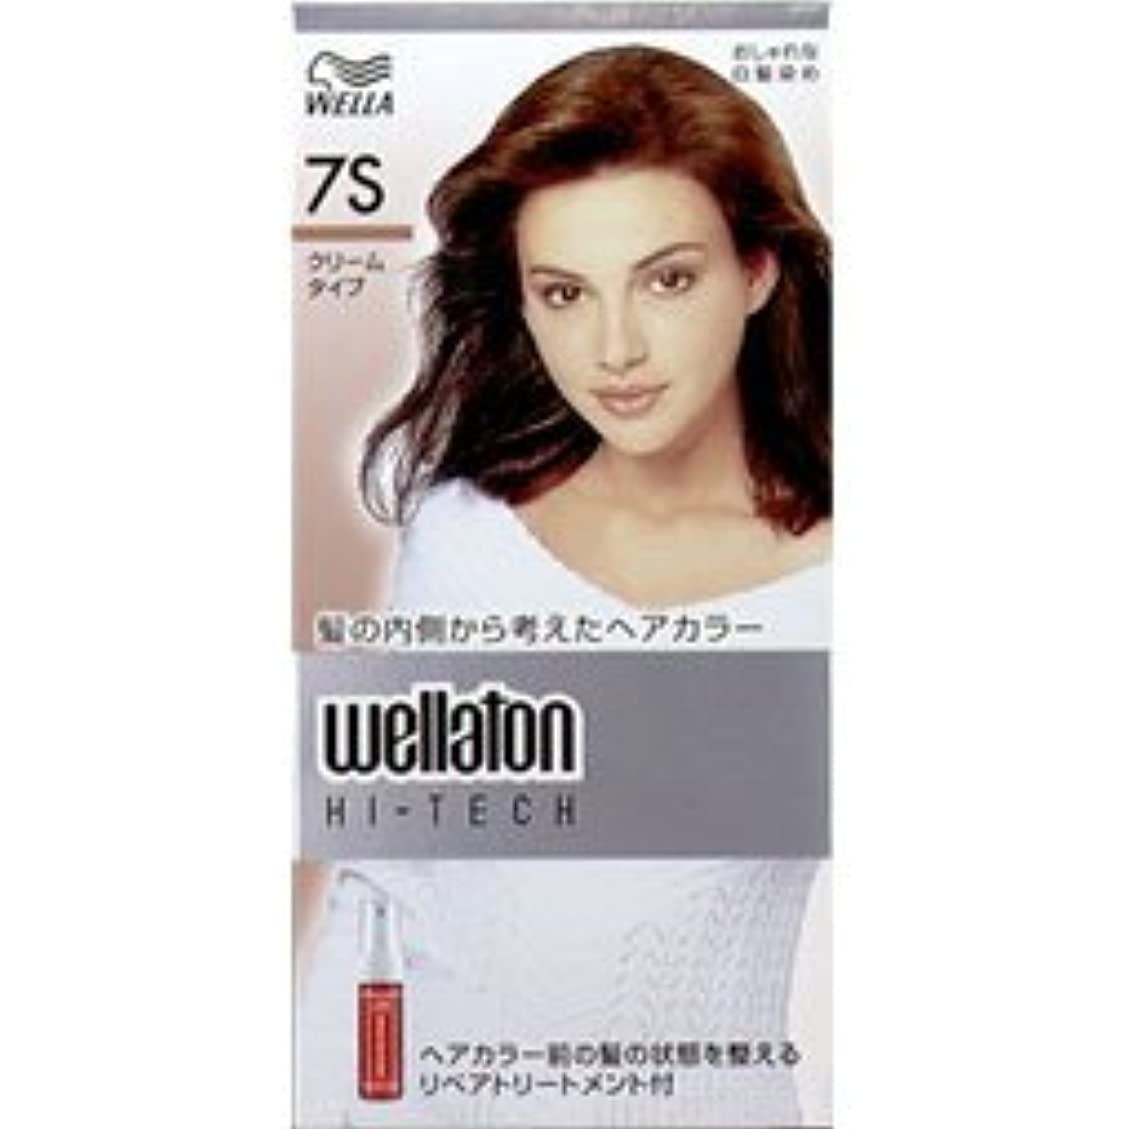 振るうようこそ結核【ヘアケア】P&G ウエラ ウエラトーン ハイテッククリーム 7S 透明感のある明るい栗色 (医薬部外品) 白髪染めヘアカラー(女性用)×24点セット (4902565140602)